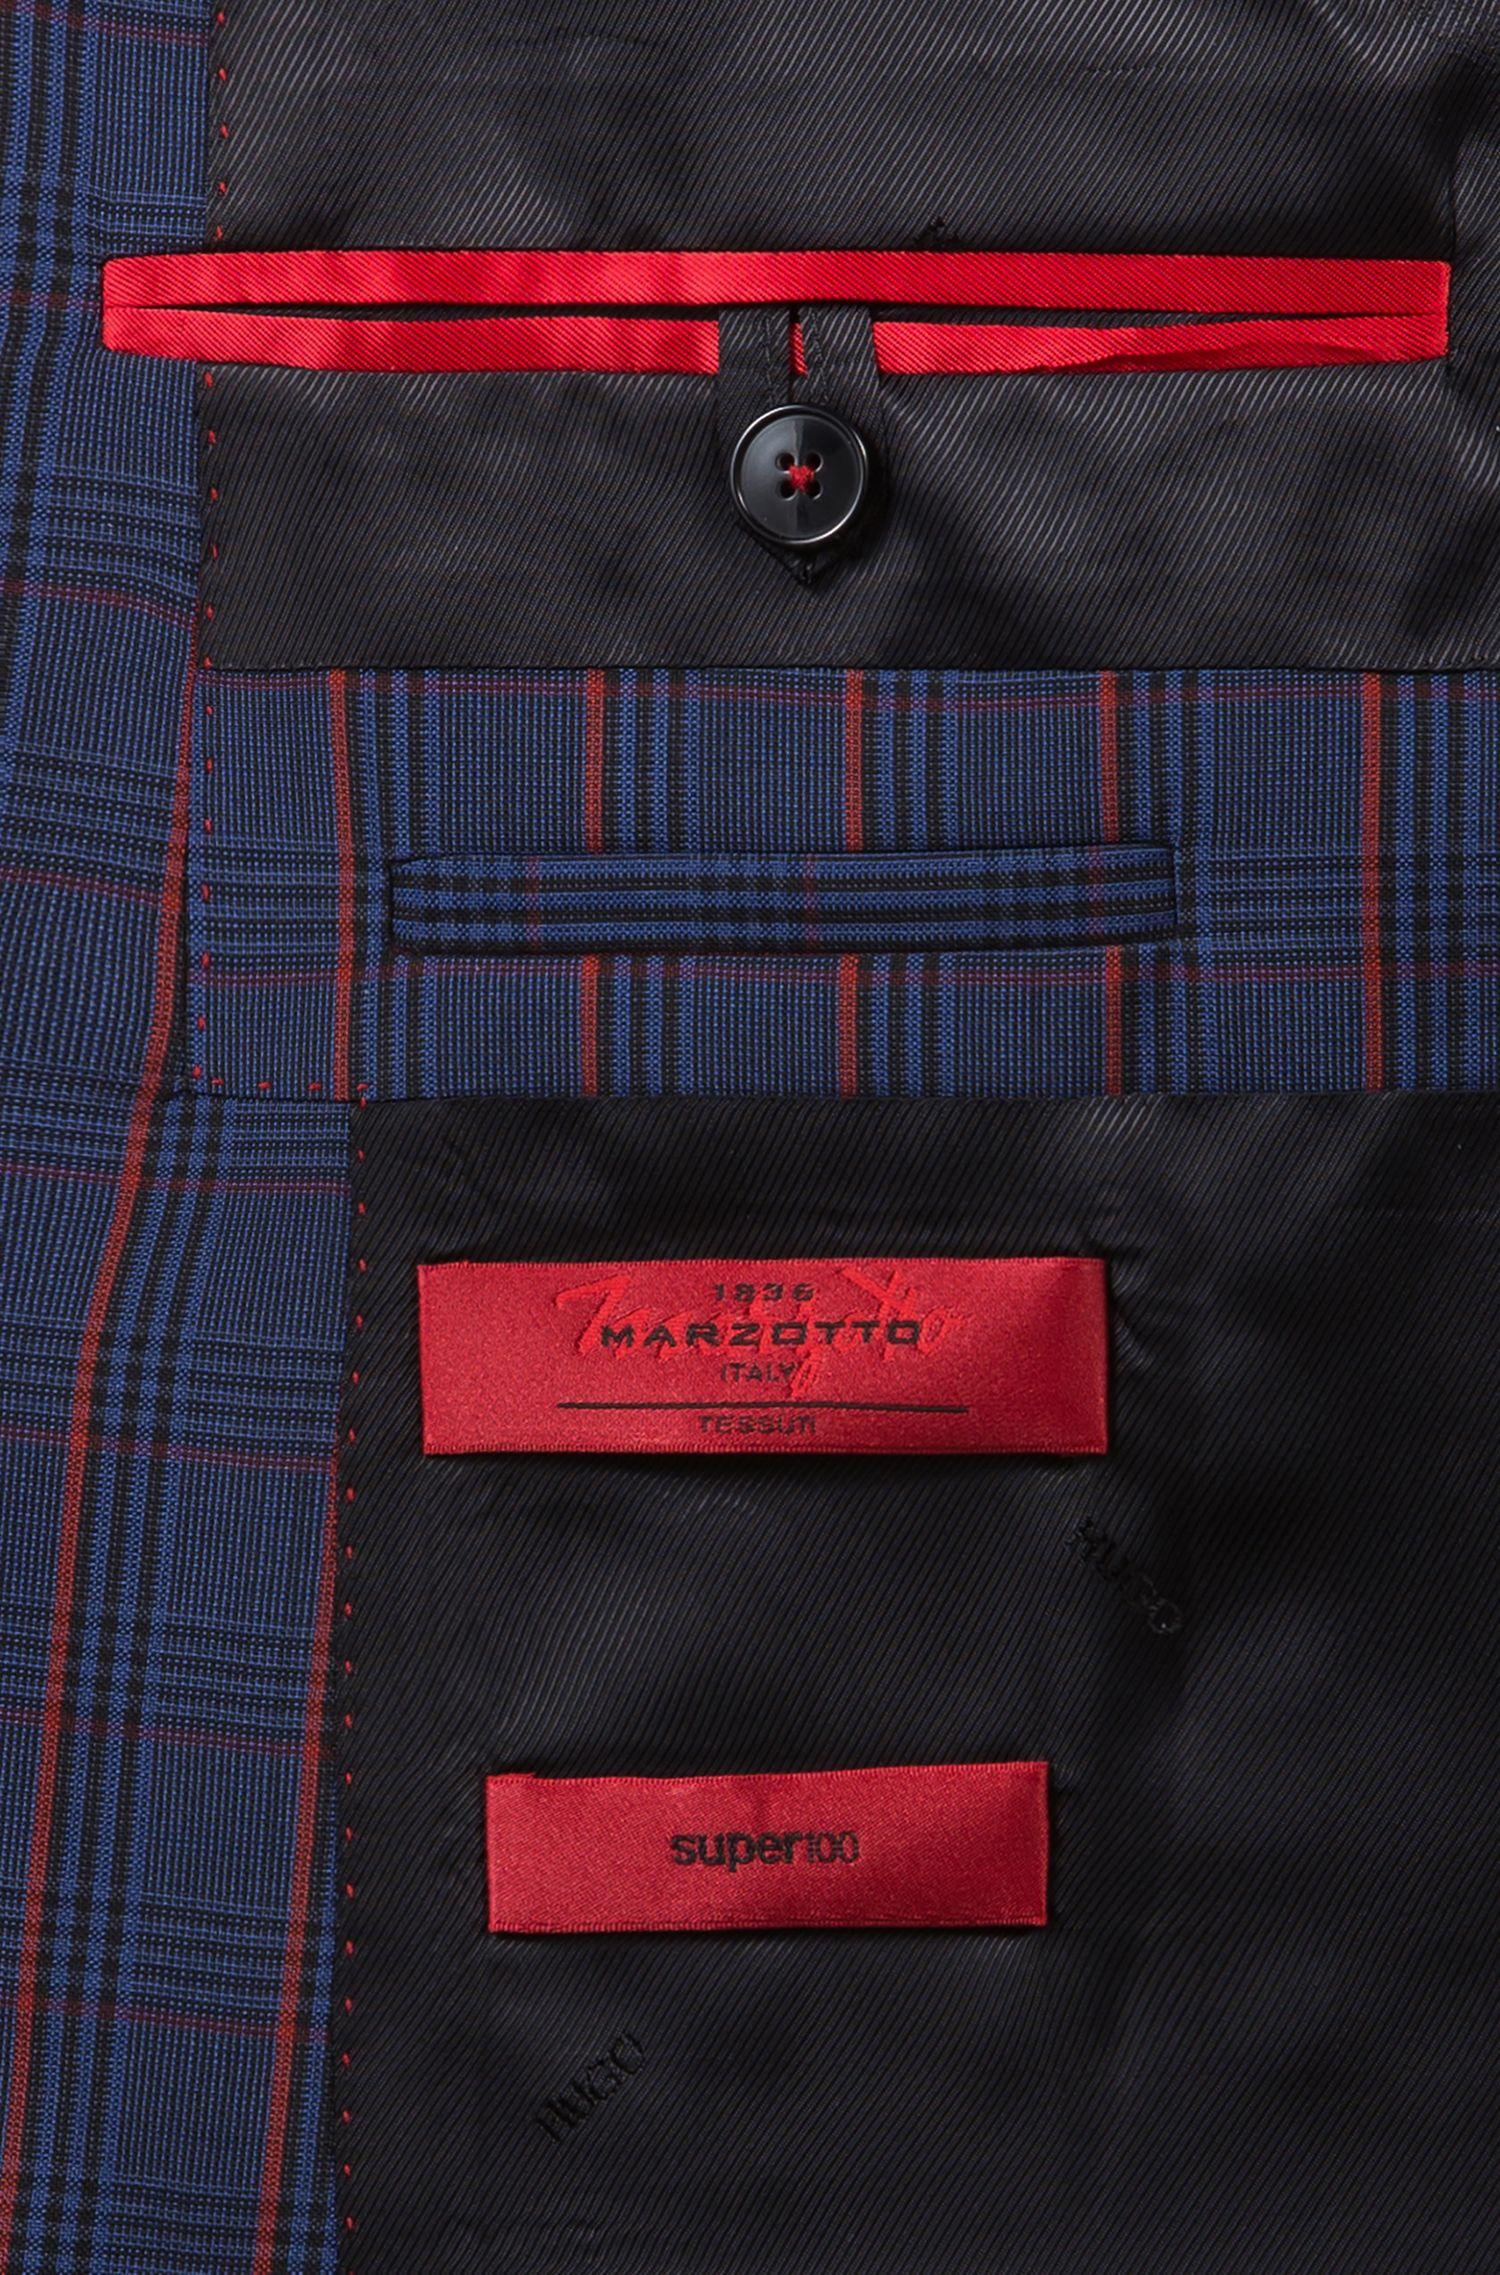 Abito extra slim fit in lana vergine a quadri colorati, A disegni